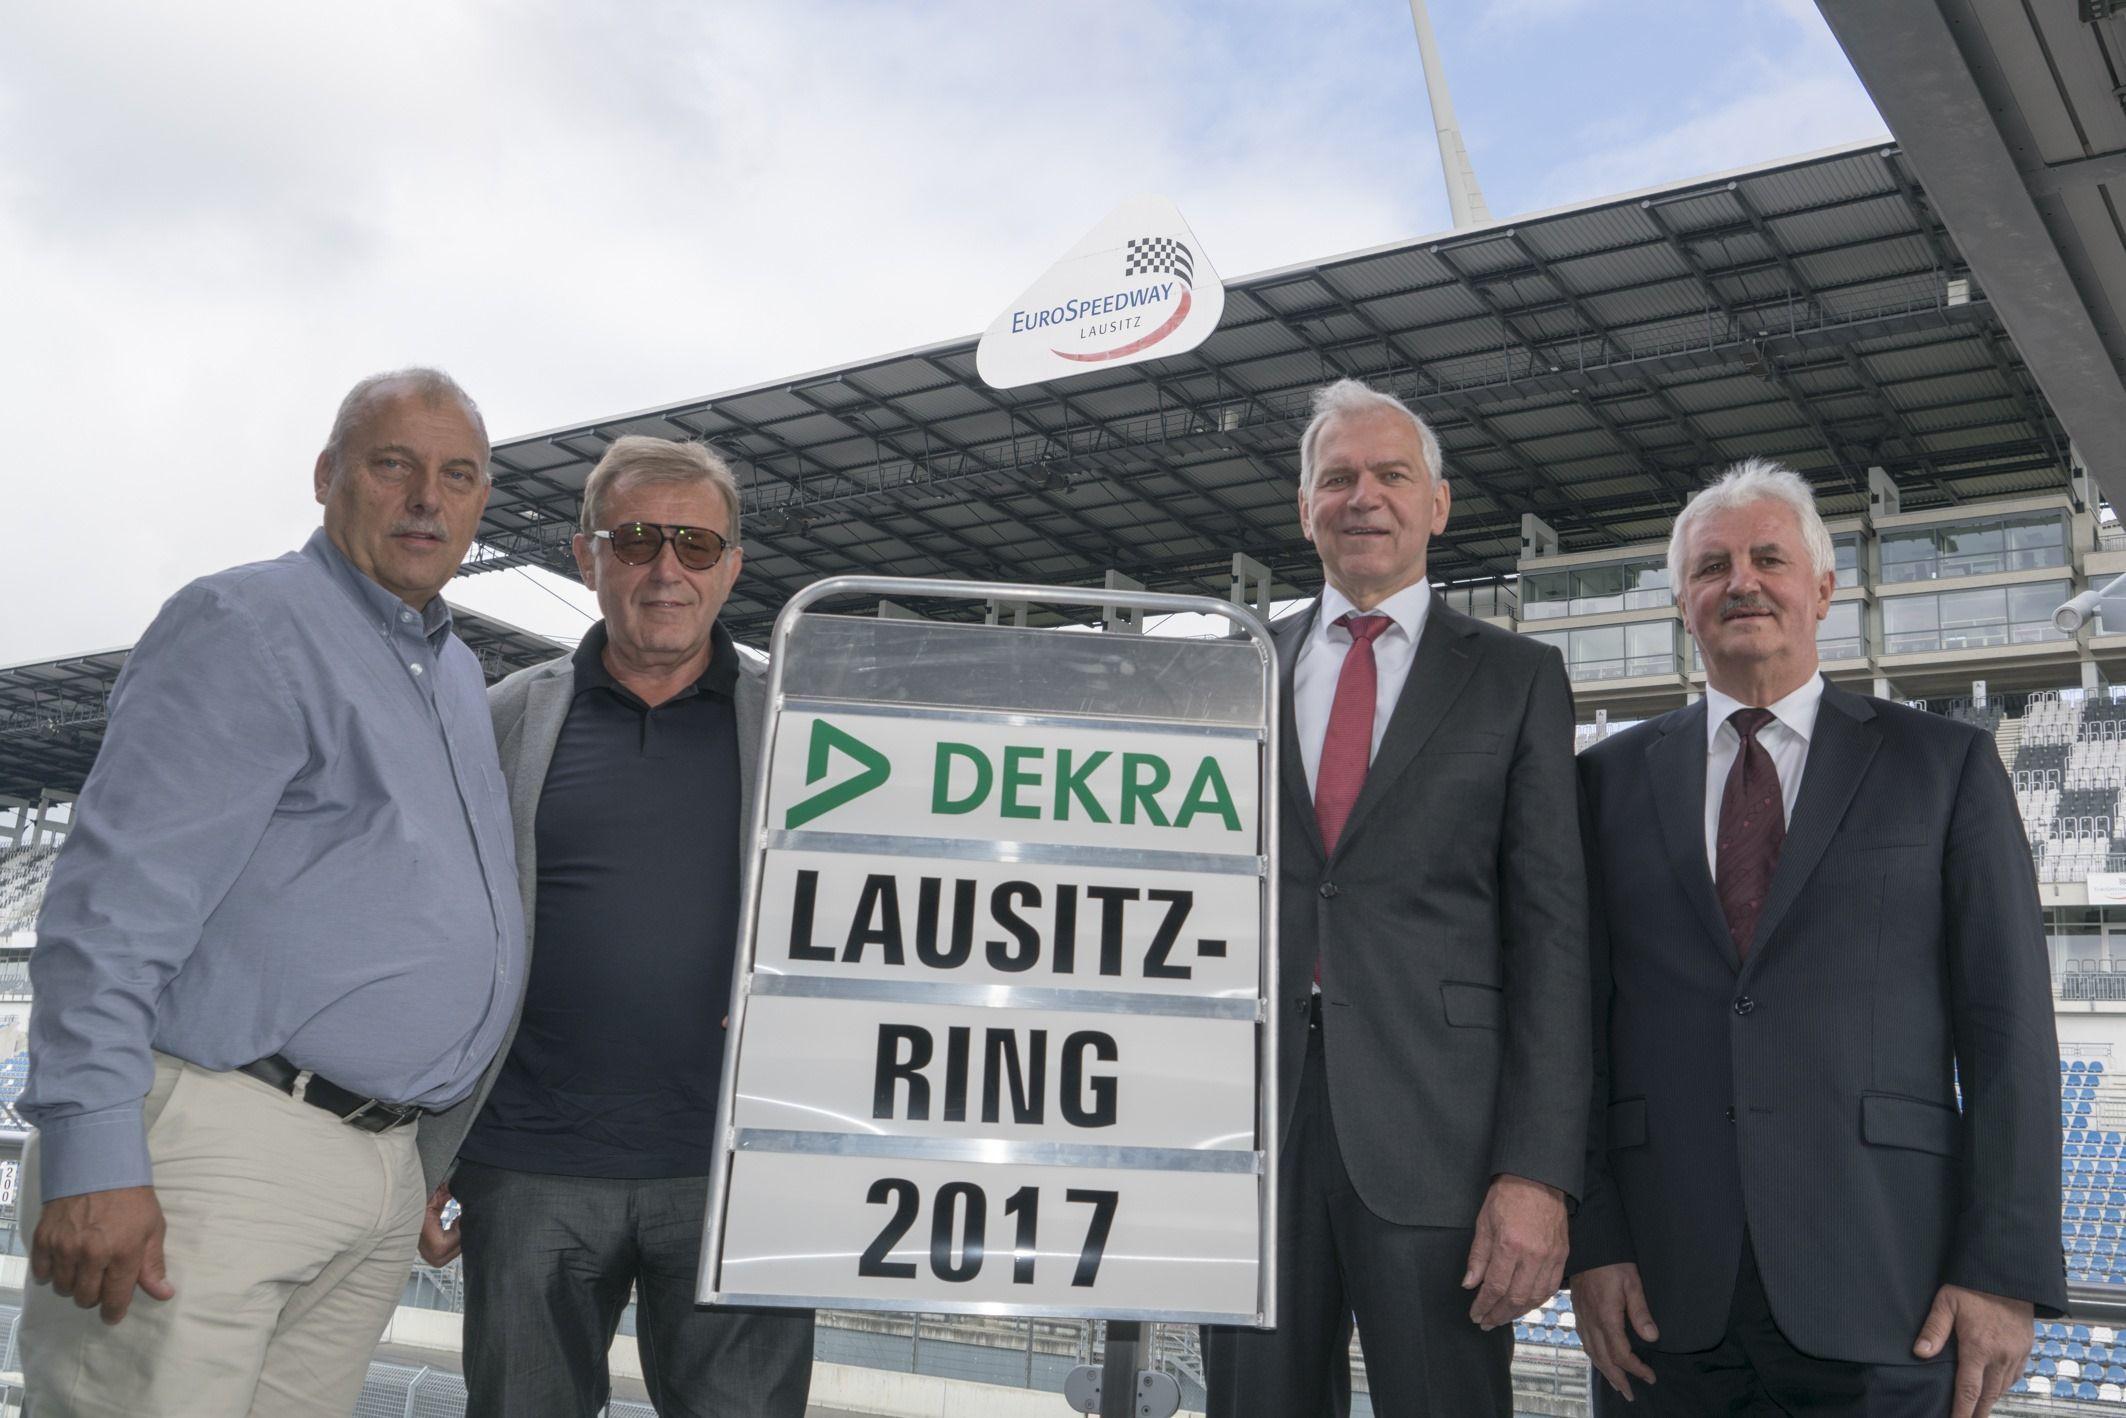 Testzentrum für das automatisierte und vernetzte Fahren: Dekra übernimmt Lausitzring